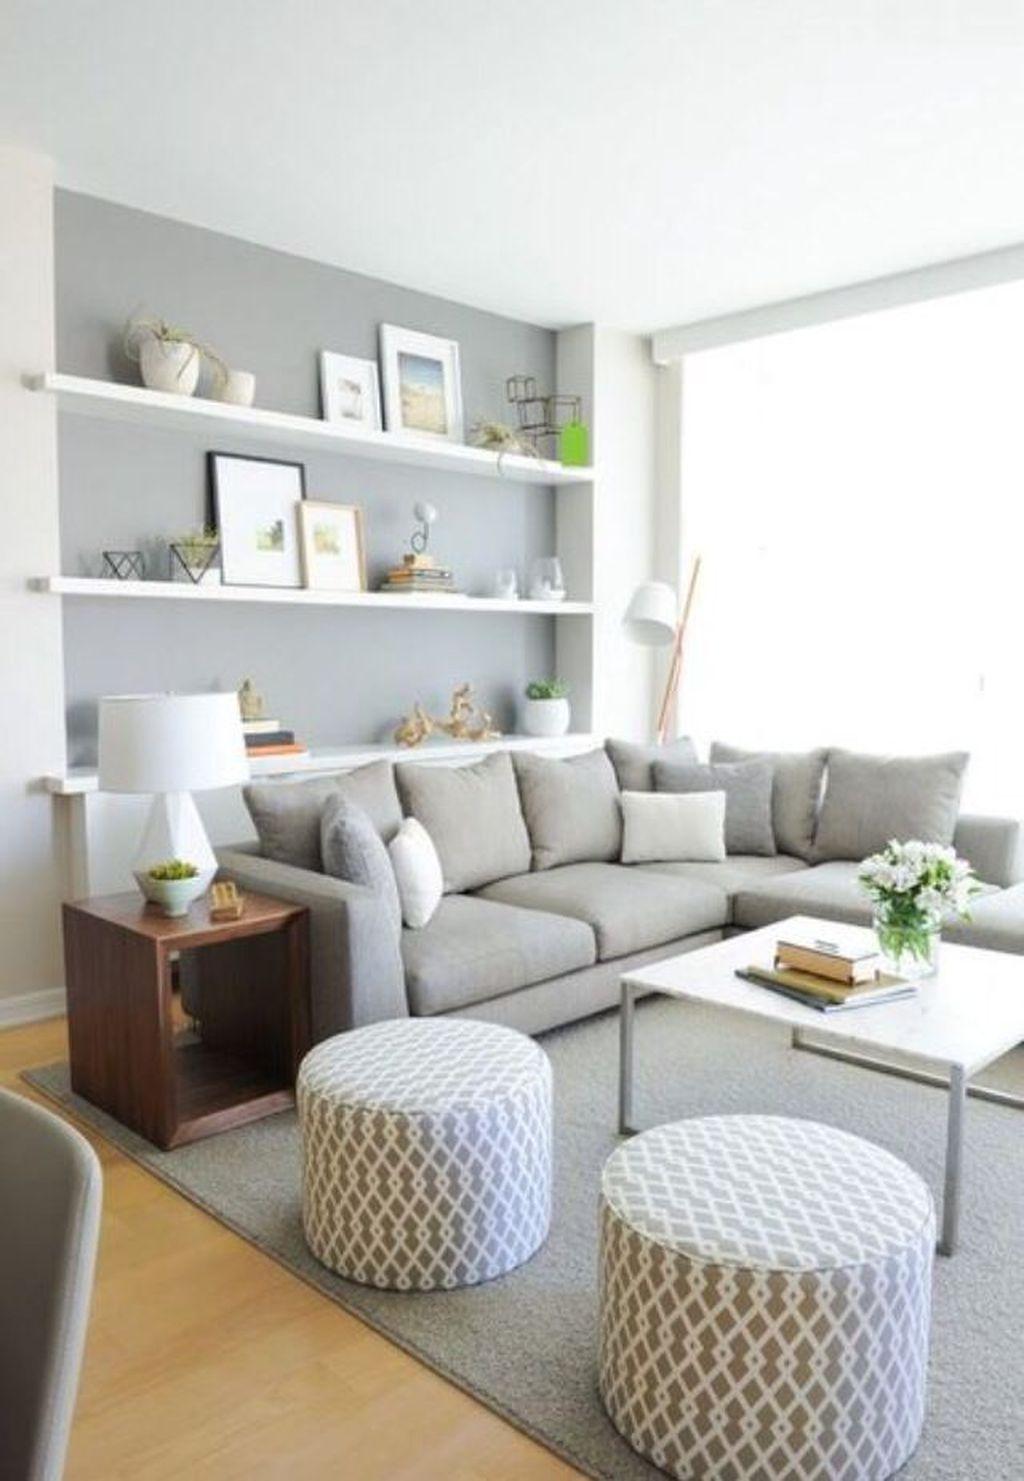 Extraordinary Home Décor Ideas You Should Already Own 27 home #design #extraordinary #home #décor #ideas #you #should #already #own #27